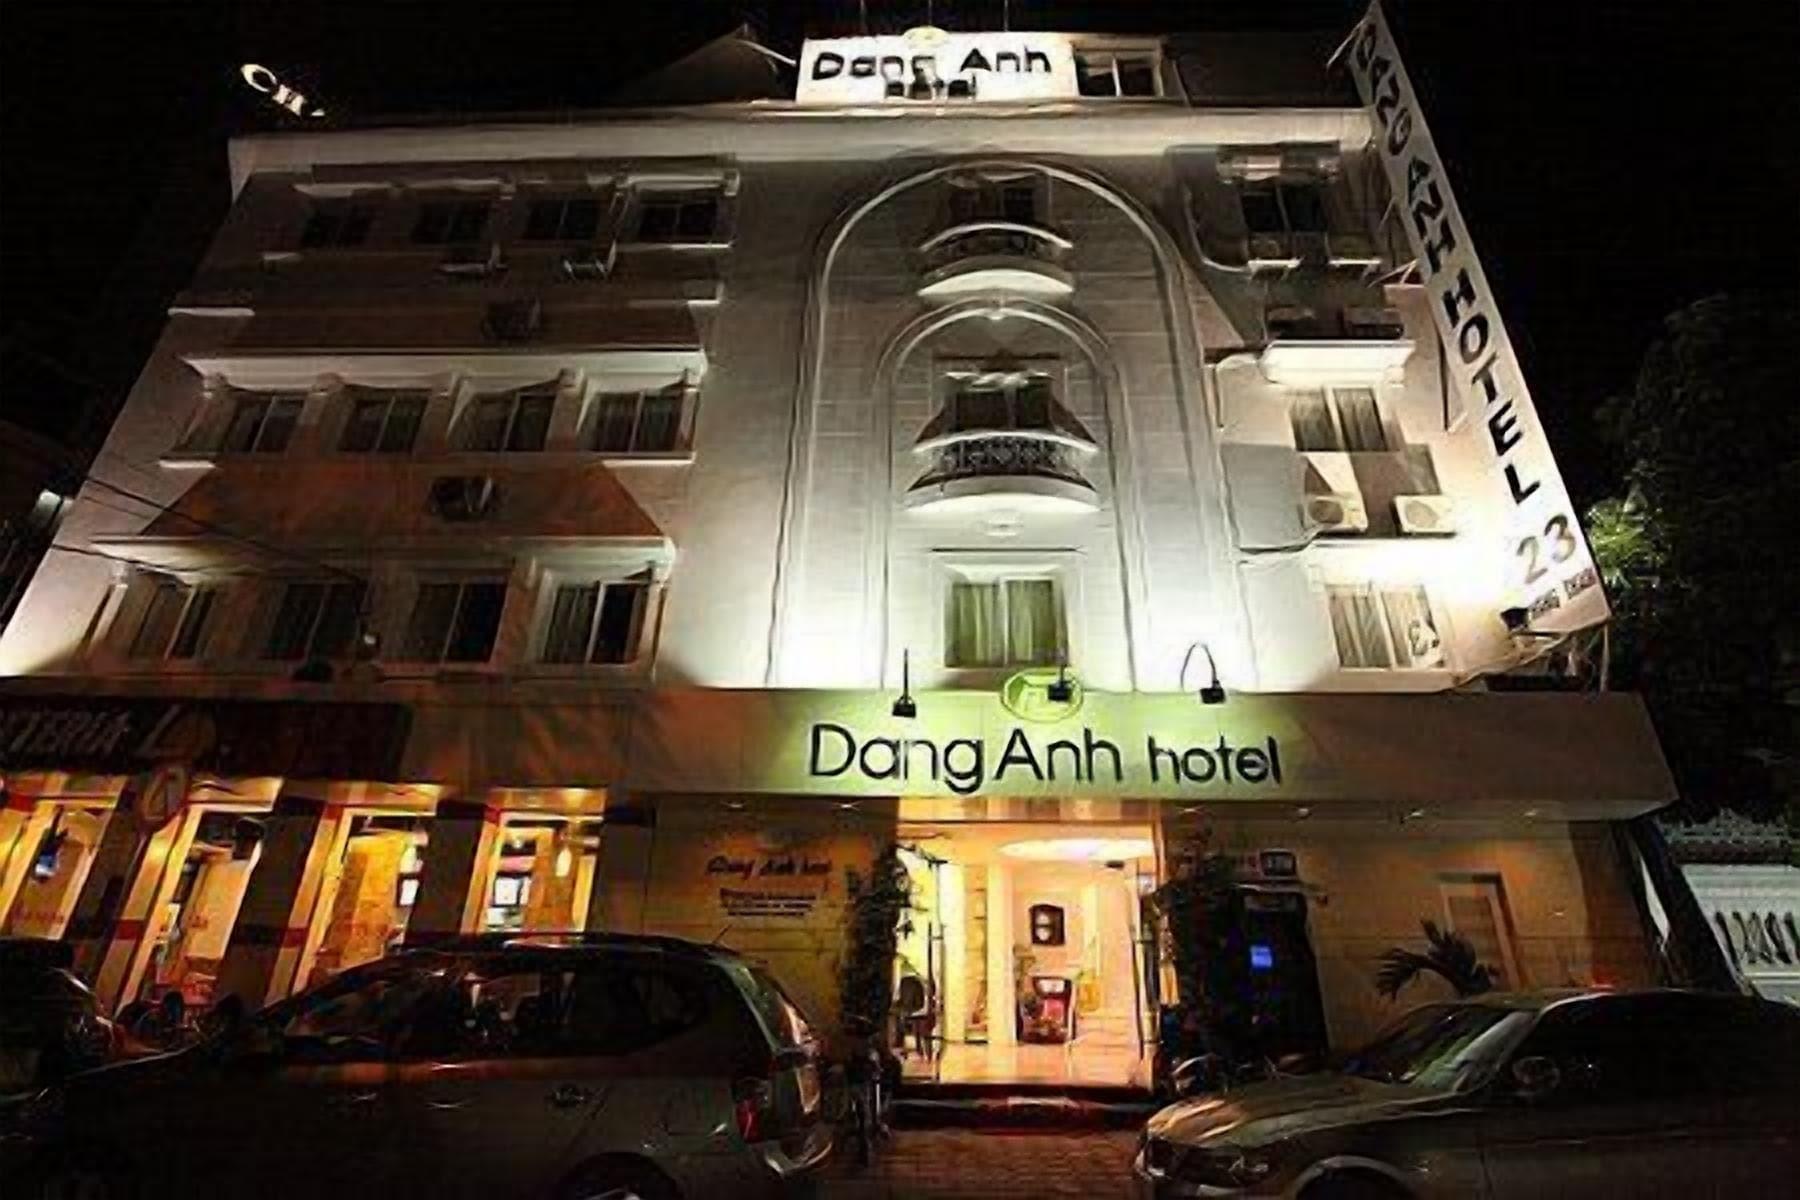 Dang Anh Hotel, Ba Đình